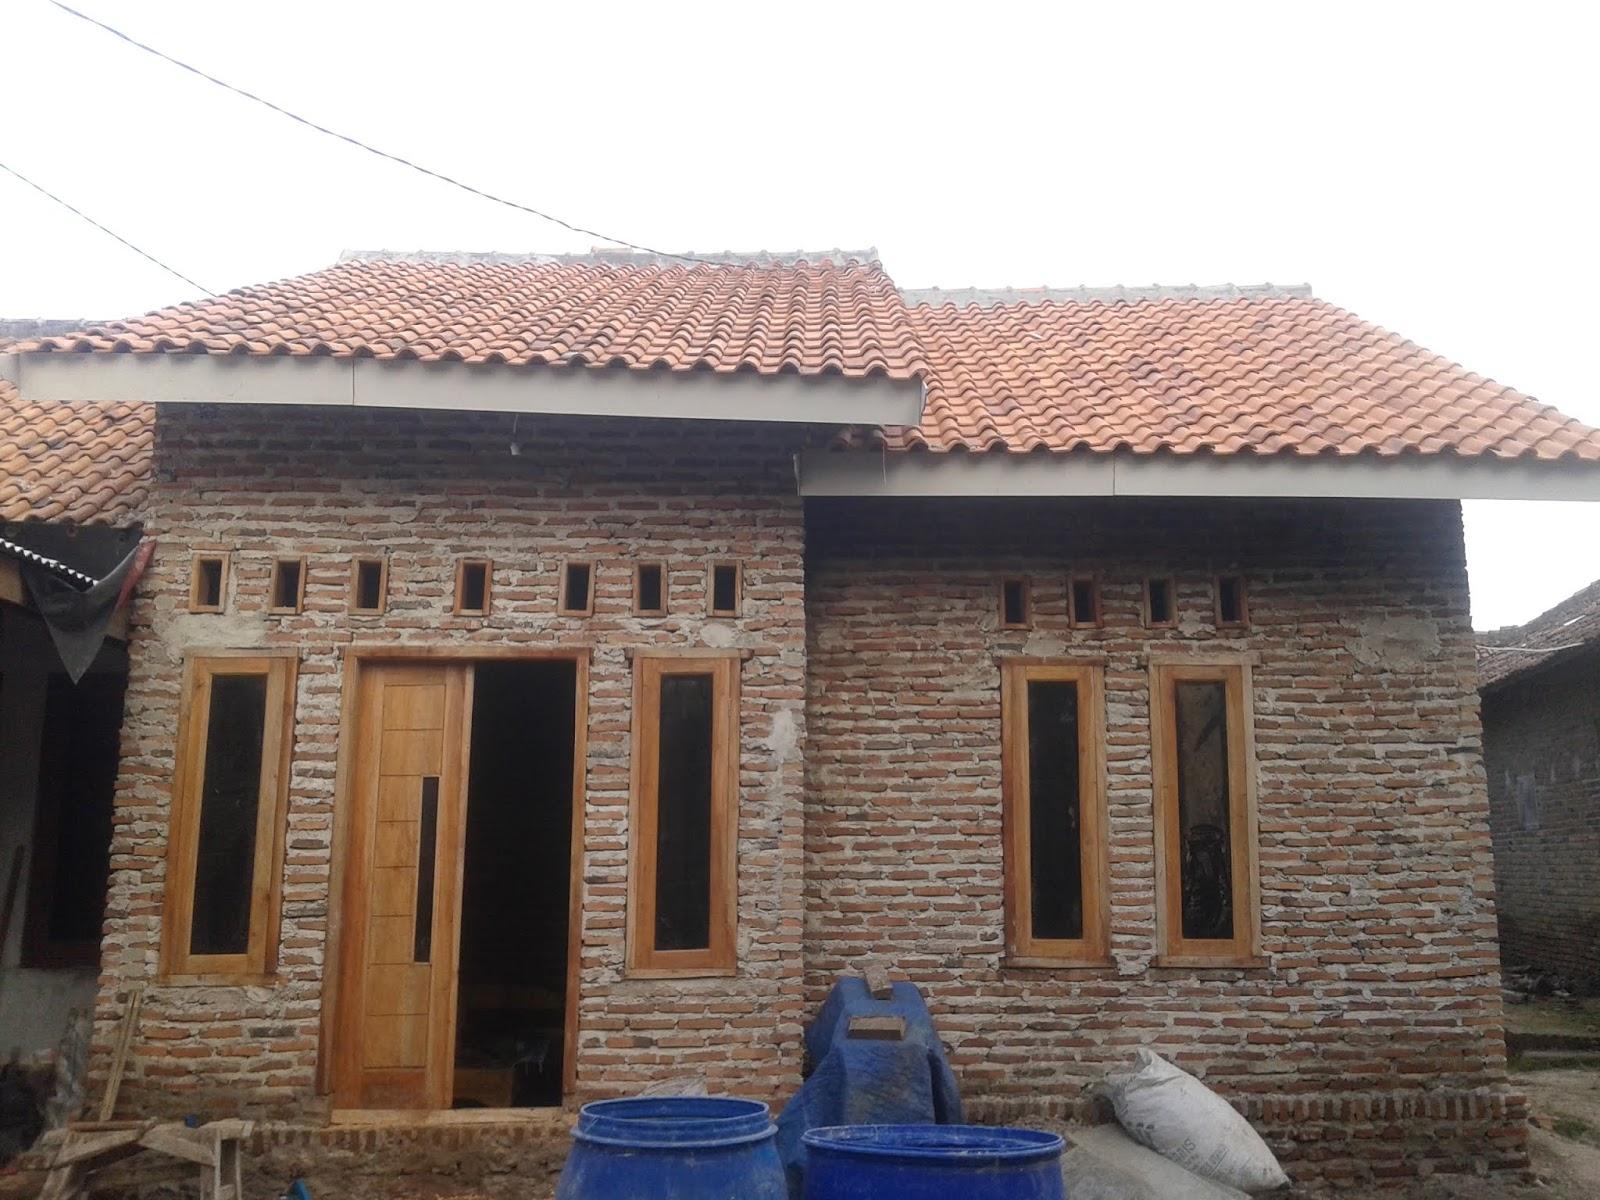 Rincian Dan Biaya Bangun Rumah Kecil Yang Minimalis Type 36